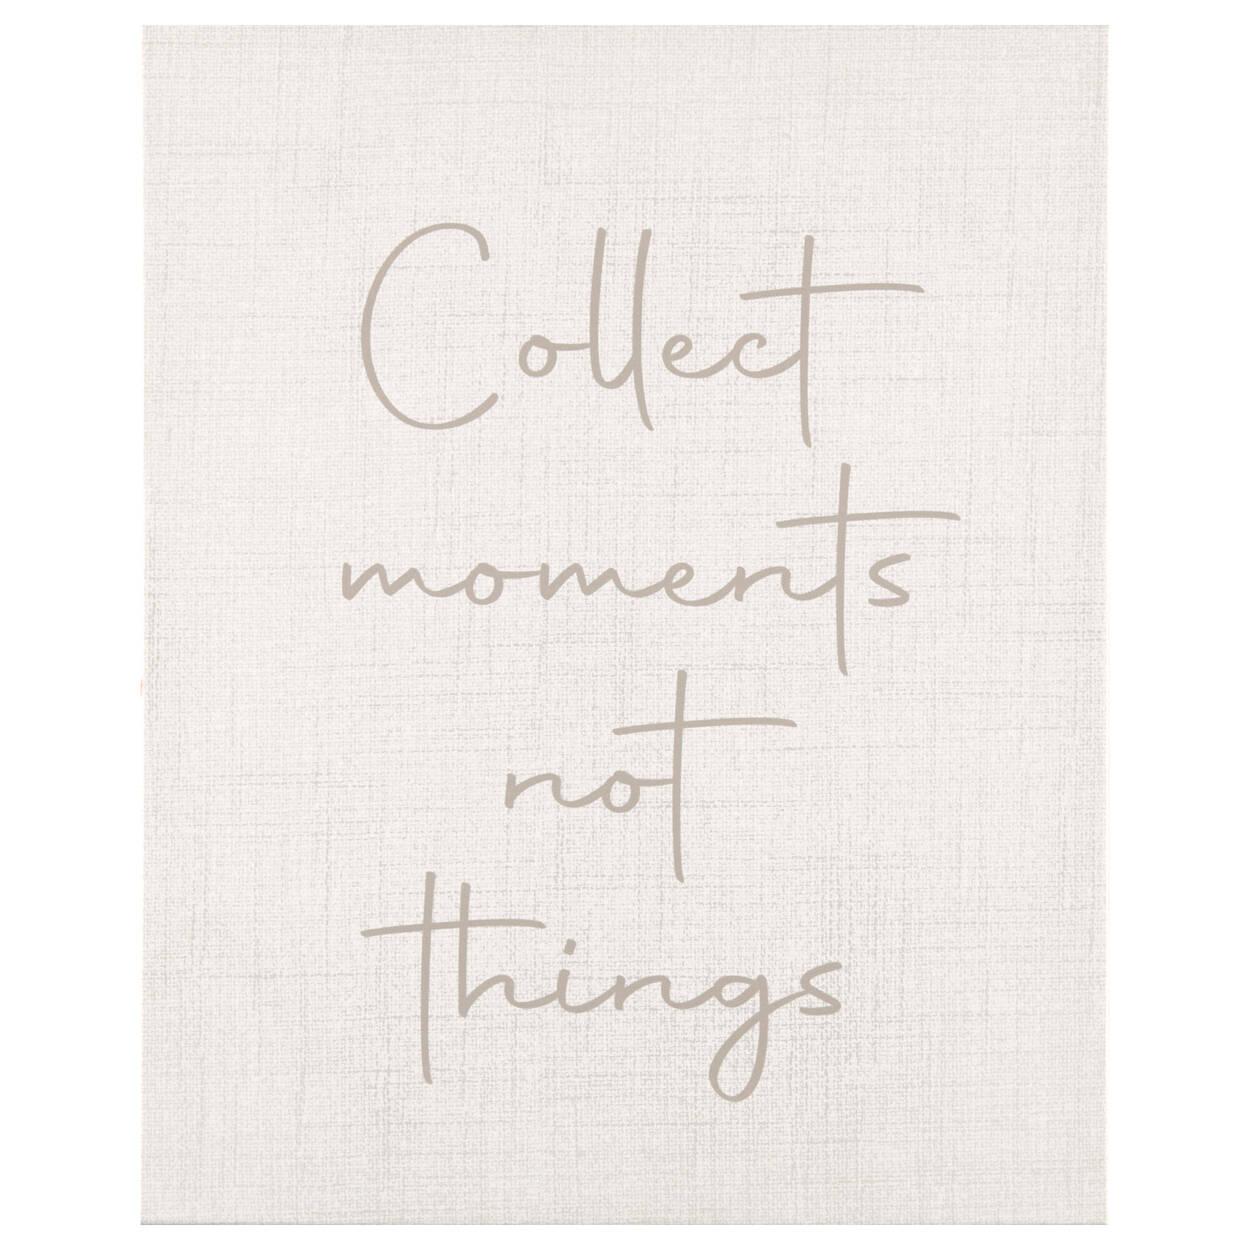 Tableau imprimé Collect Moments